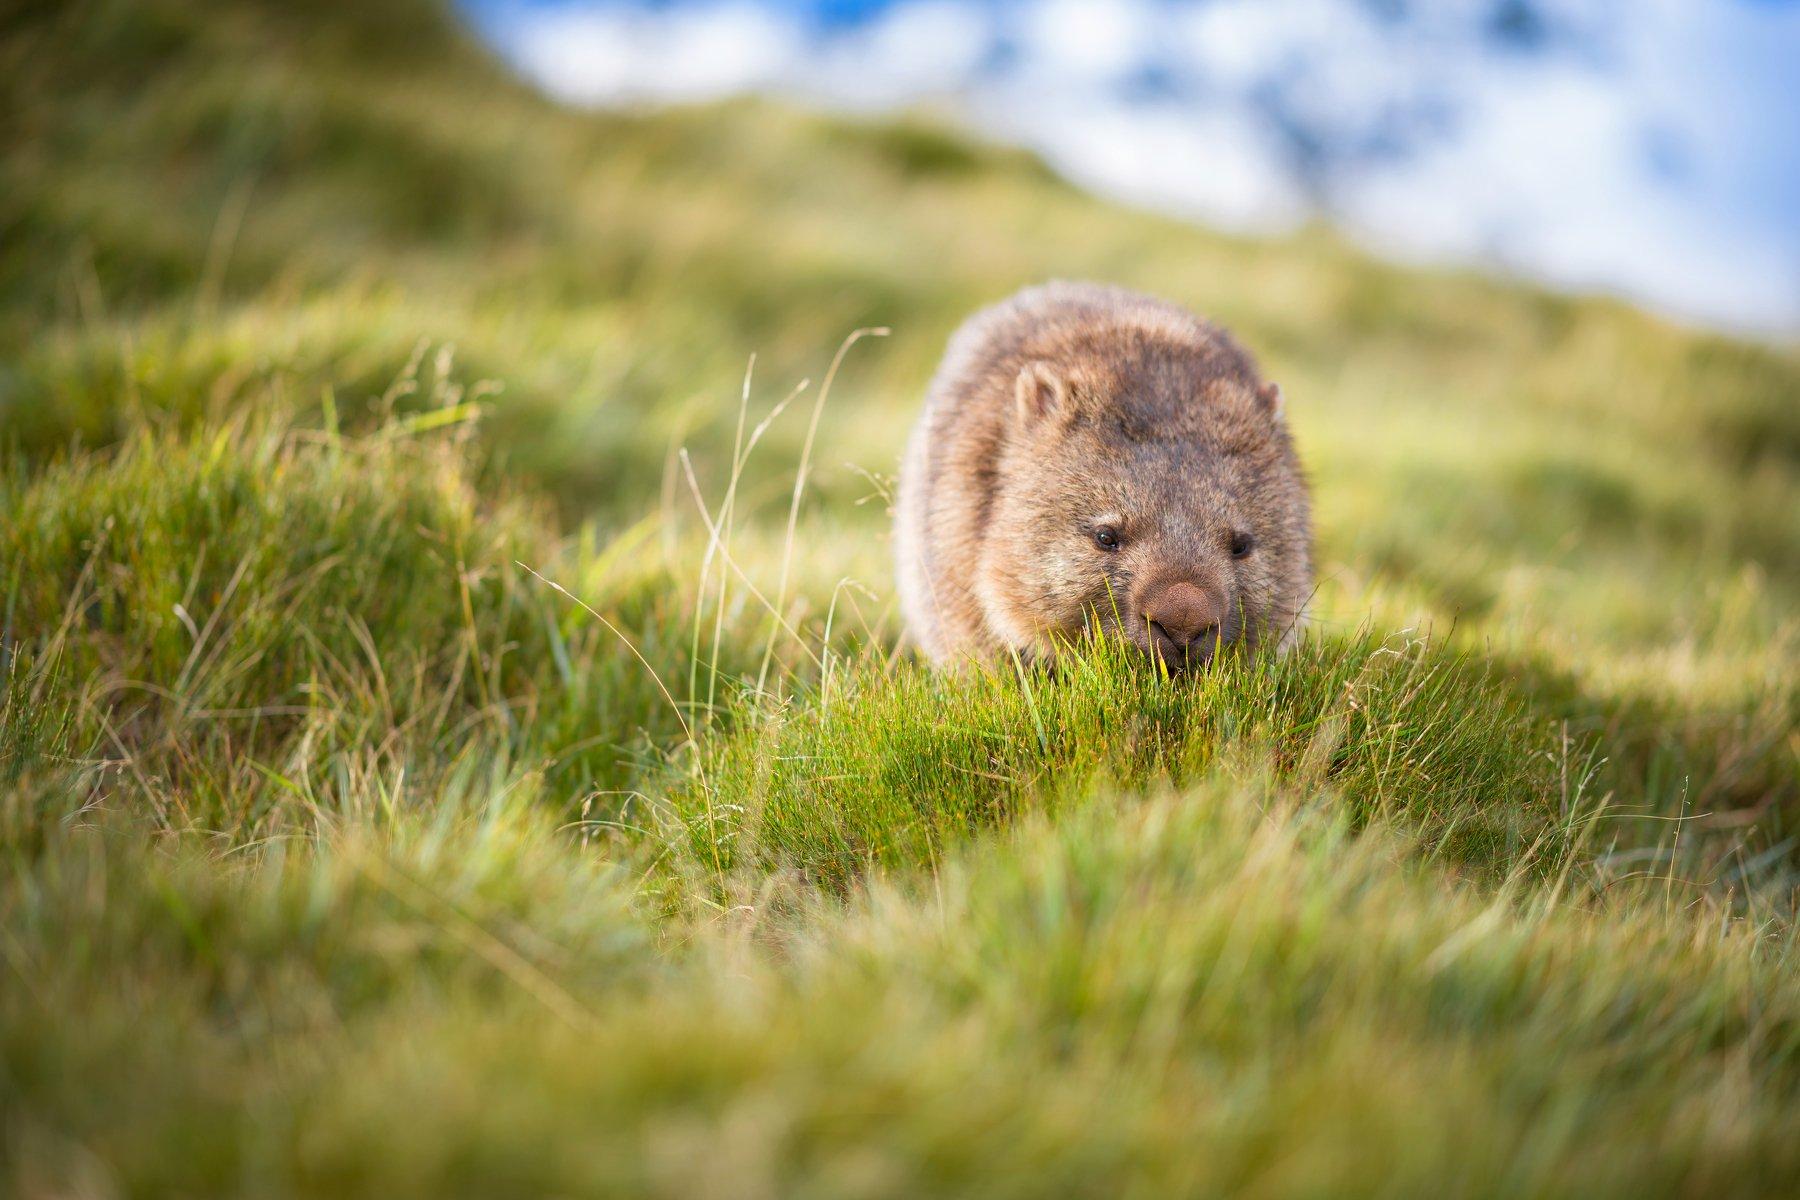 wombat, Derek Zhang